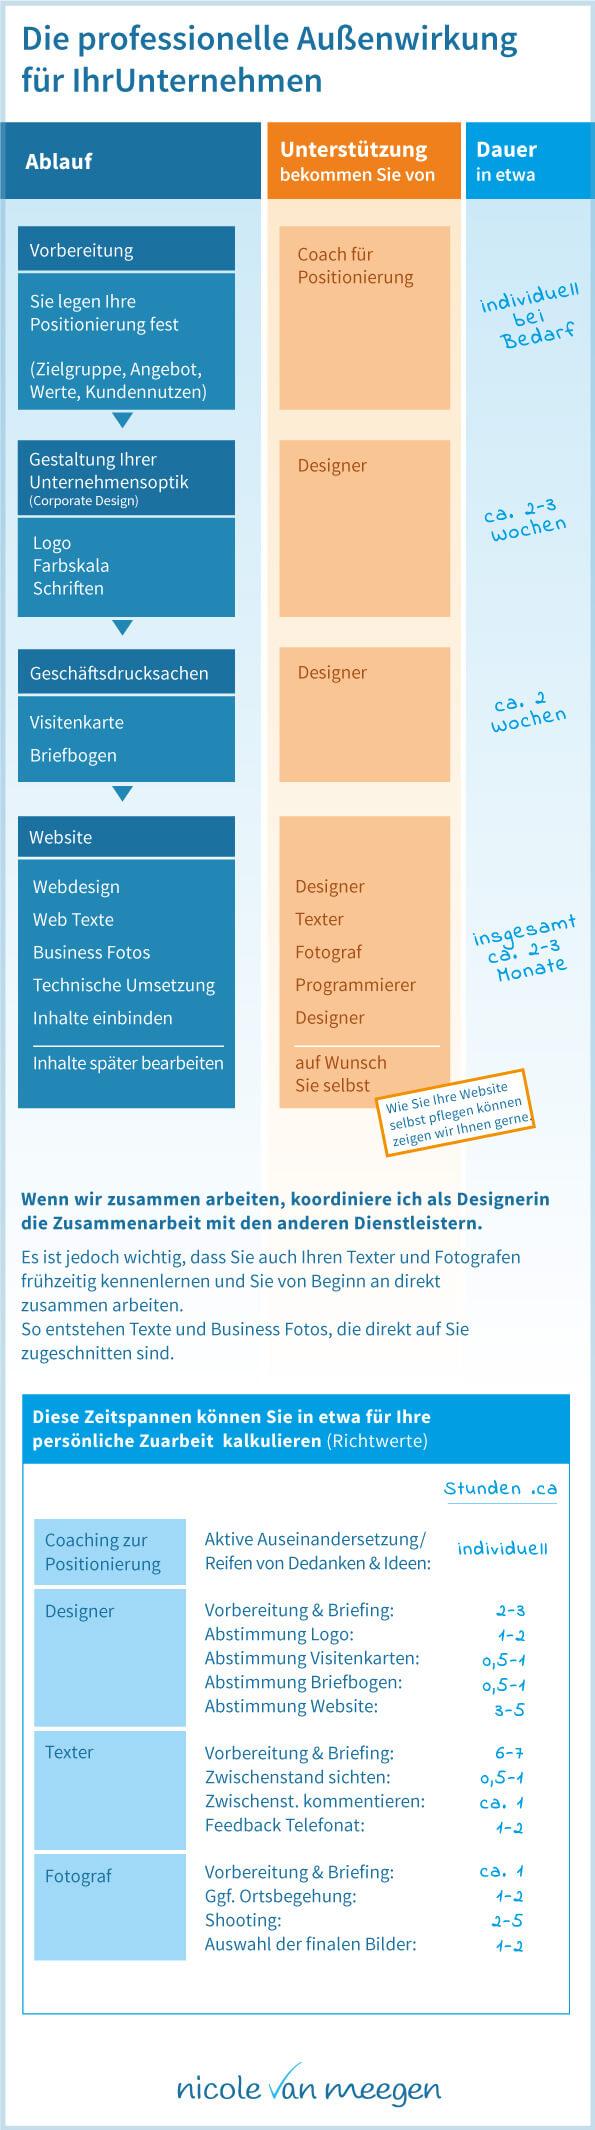 Die professionelle Außenwirkung für Ihr Unternehmern - Infografik zum Ablauf